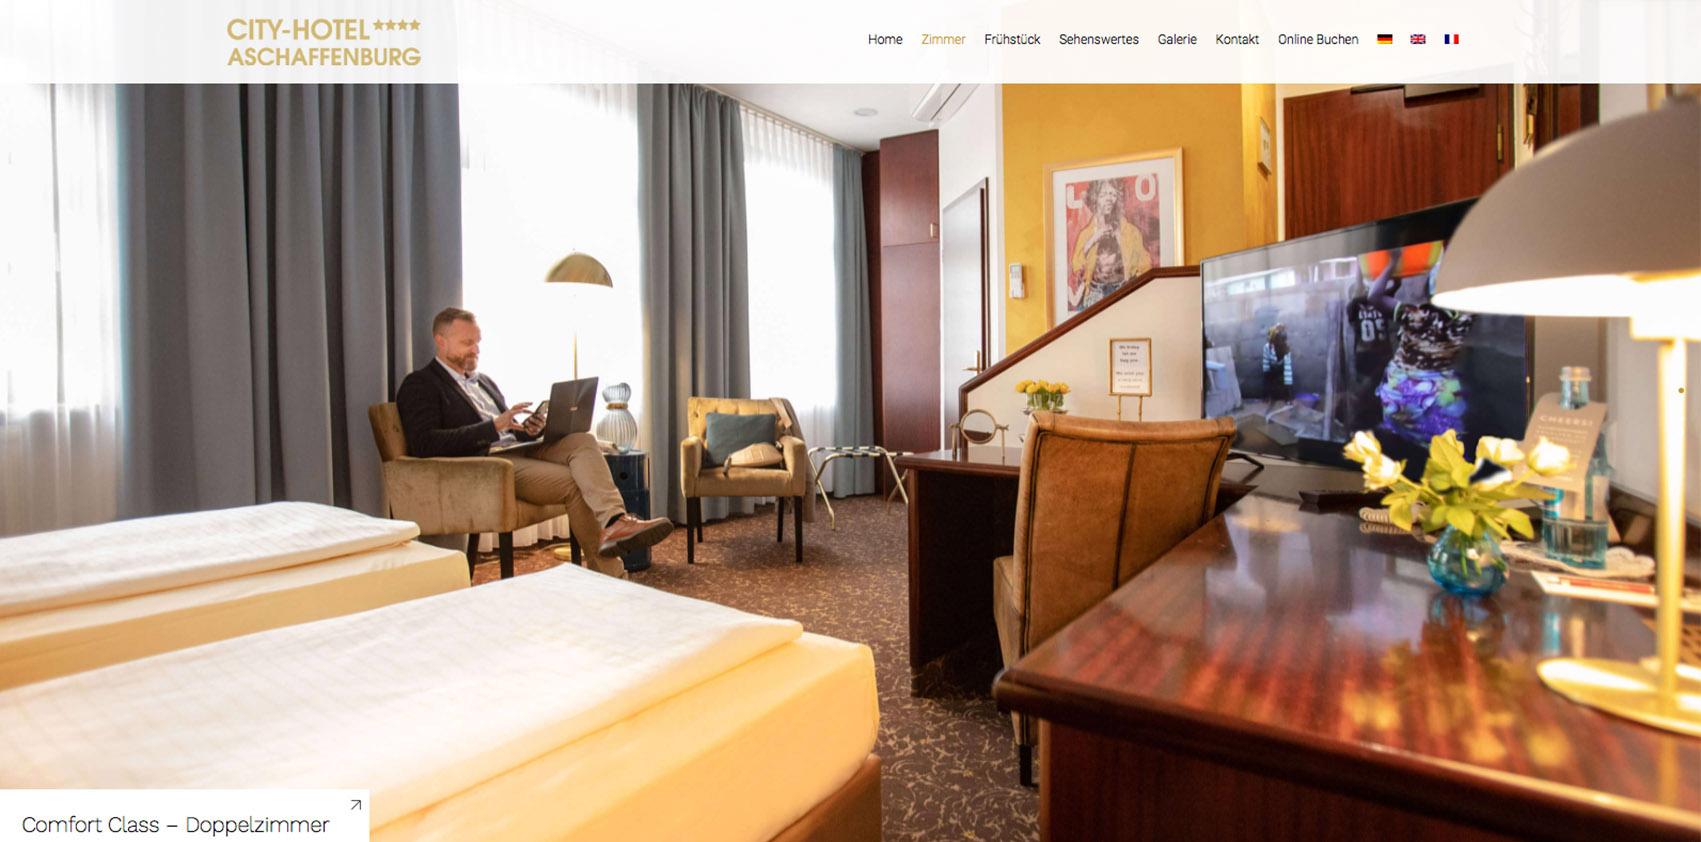 hotel fotos; hotel fotograf-frankfurt; hotel fotograf-bayern, hotel fotograf-deutschland, hotelfotografie-frankfurt, aschaffenburg, Reise; Geografie; Reisen; Reiseziel; Tourismus; Sightseeing; indoor; Innenaufnahme; Architektur; architecture; Hotelfoto; hotel photography; hotel_foto_12_frankfurt_klewar-photographie.jpg